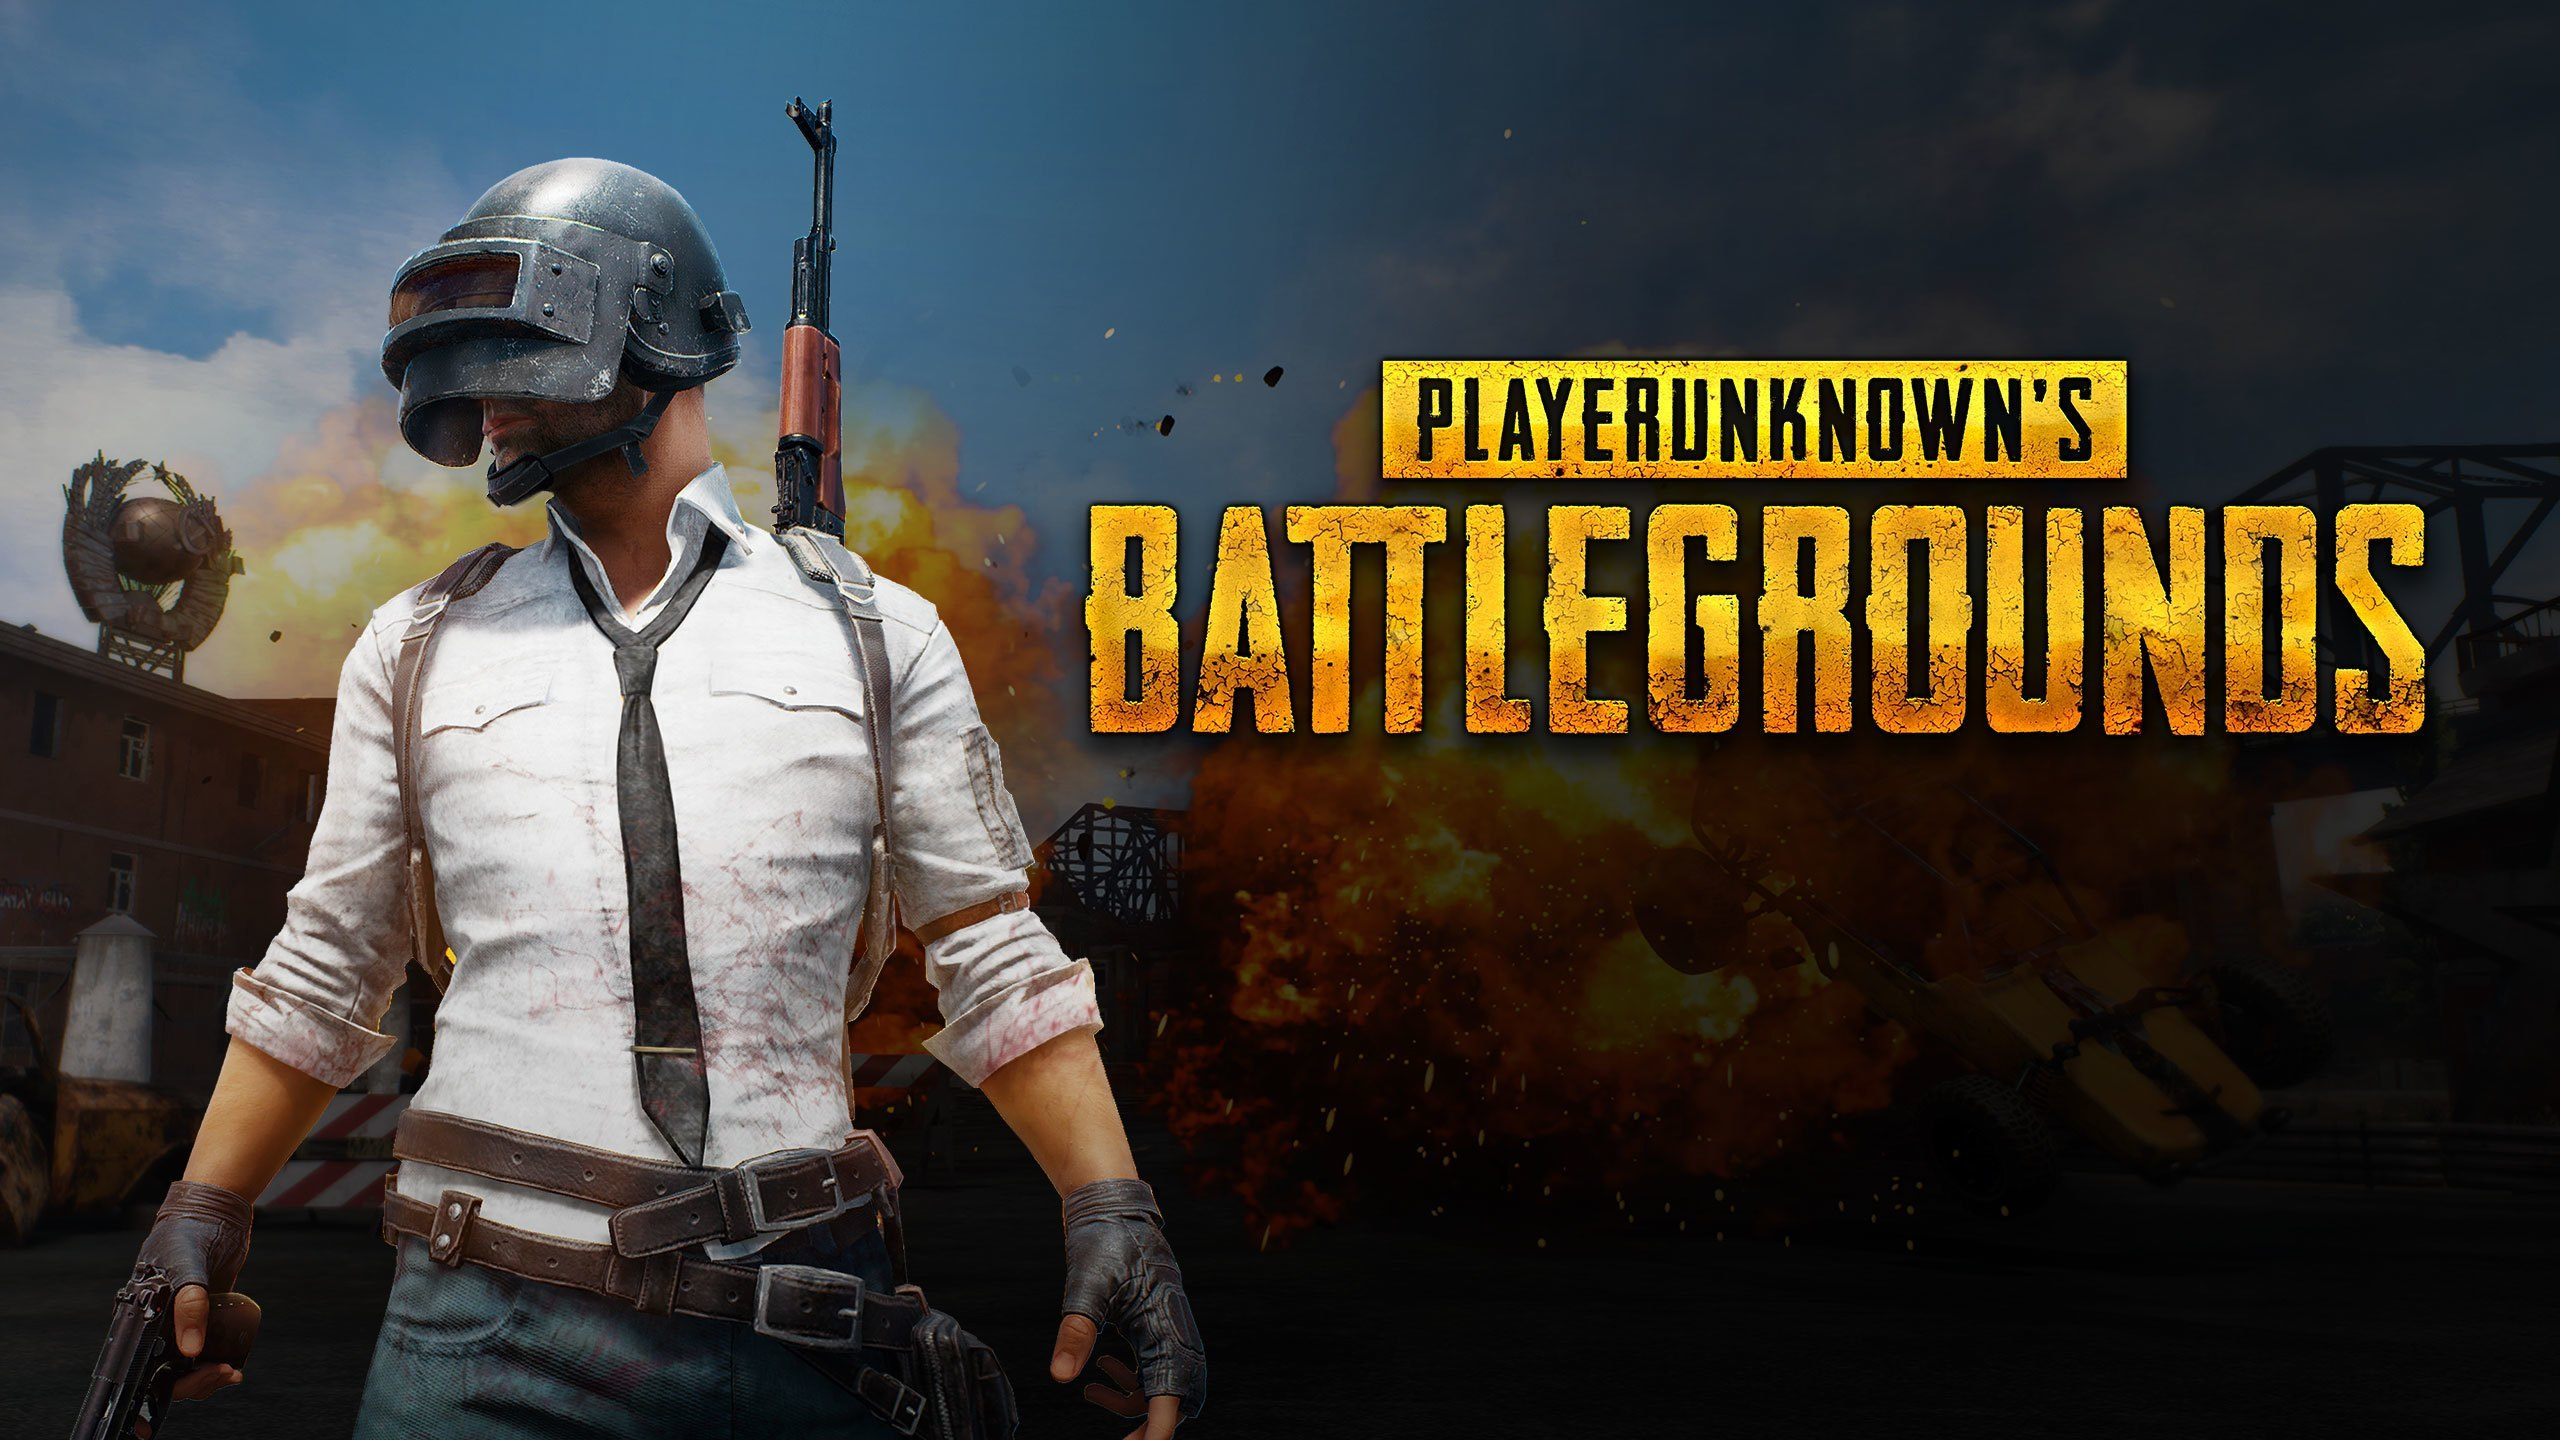 PlayerUnknown's Battlegorunds